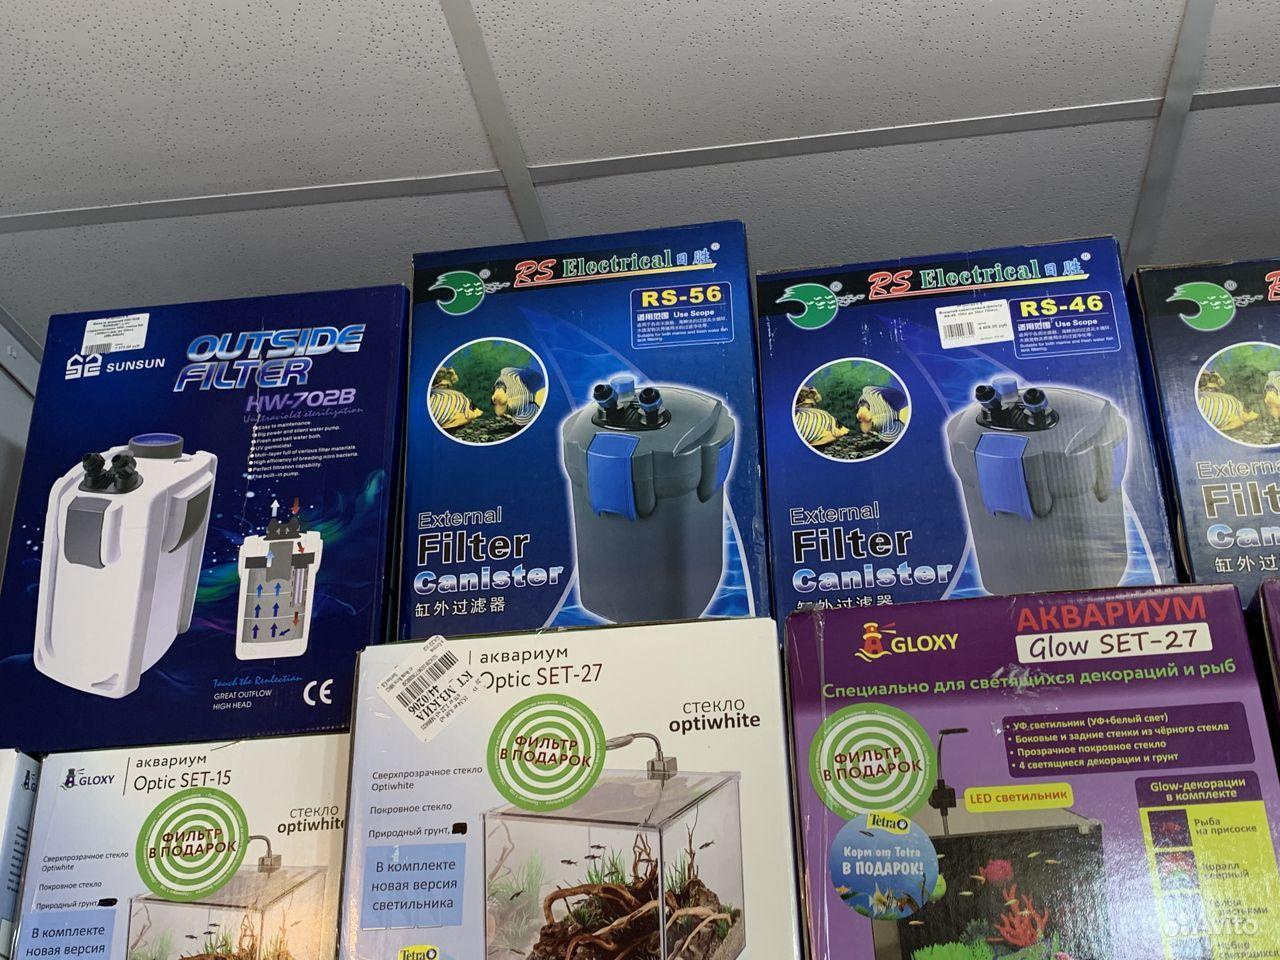 Фильтр sunsun HW-702A для аквариумов до 300 л купить на Зозу.ру - фотография № 6